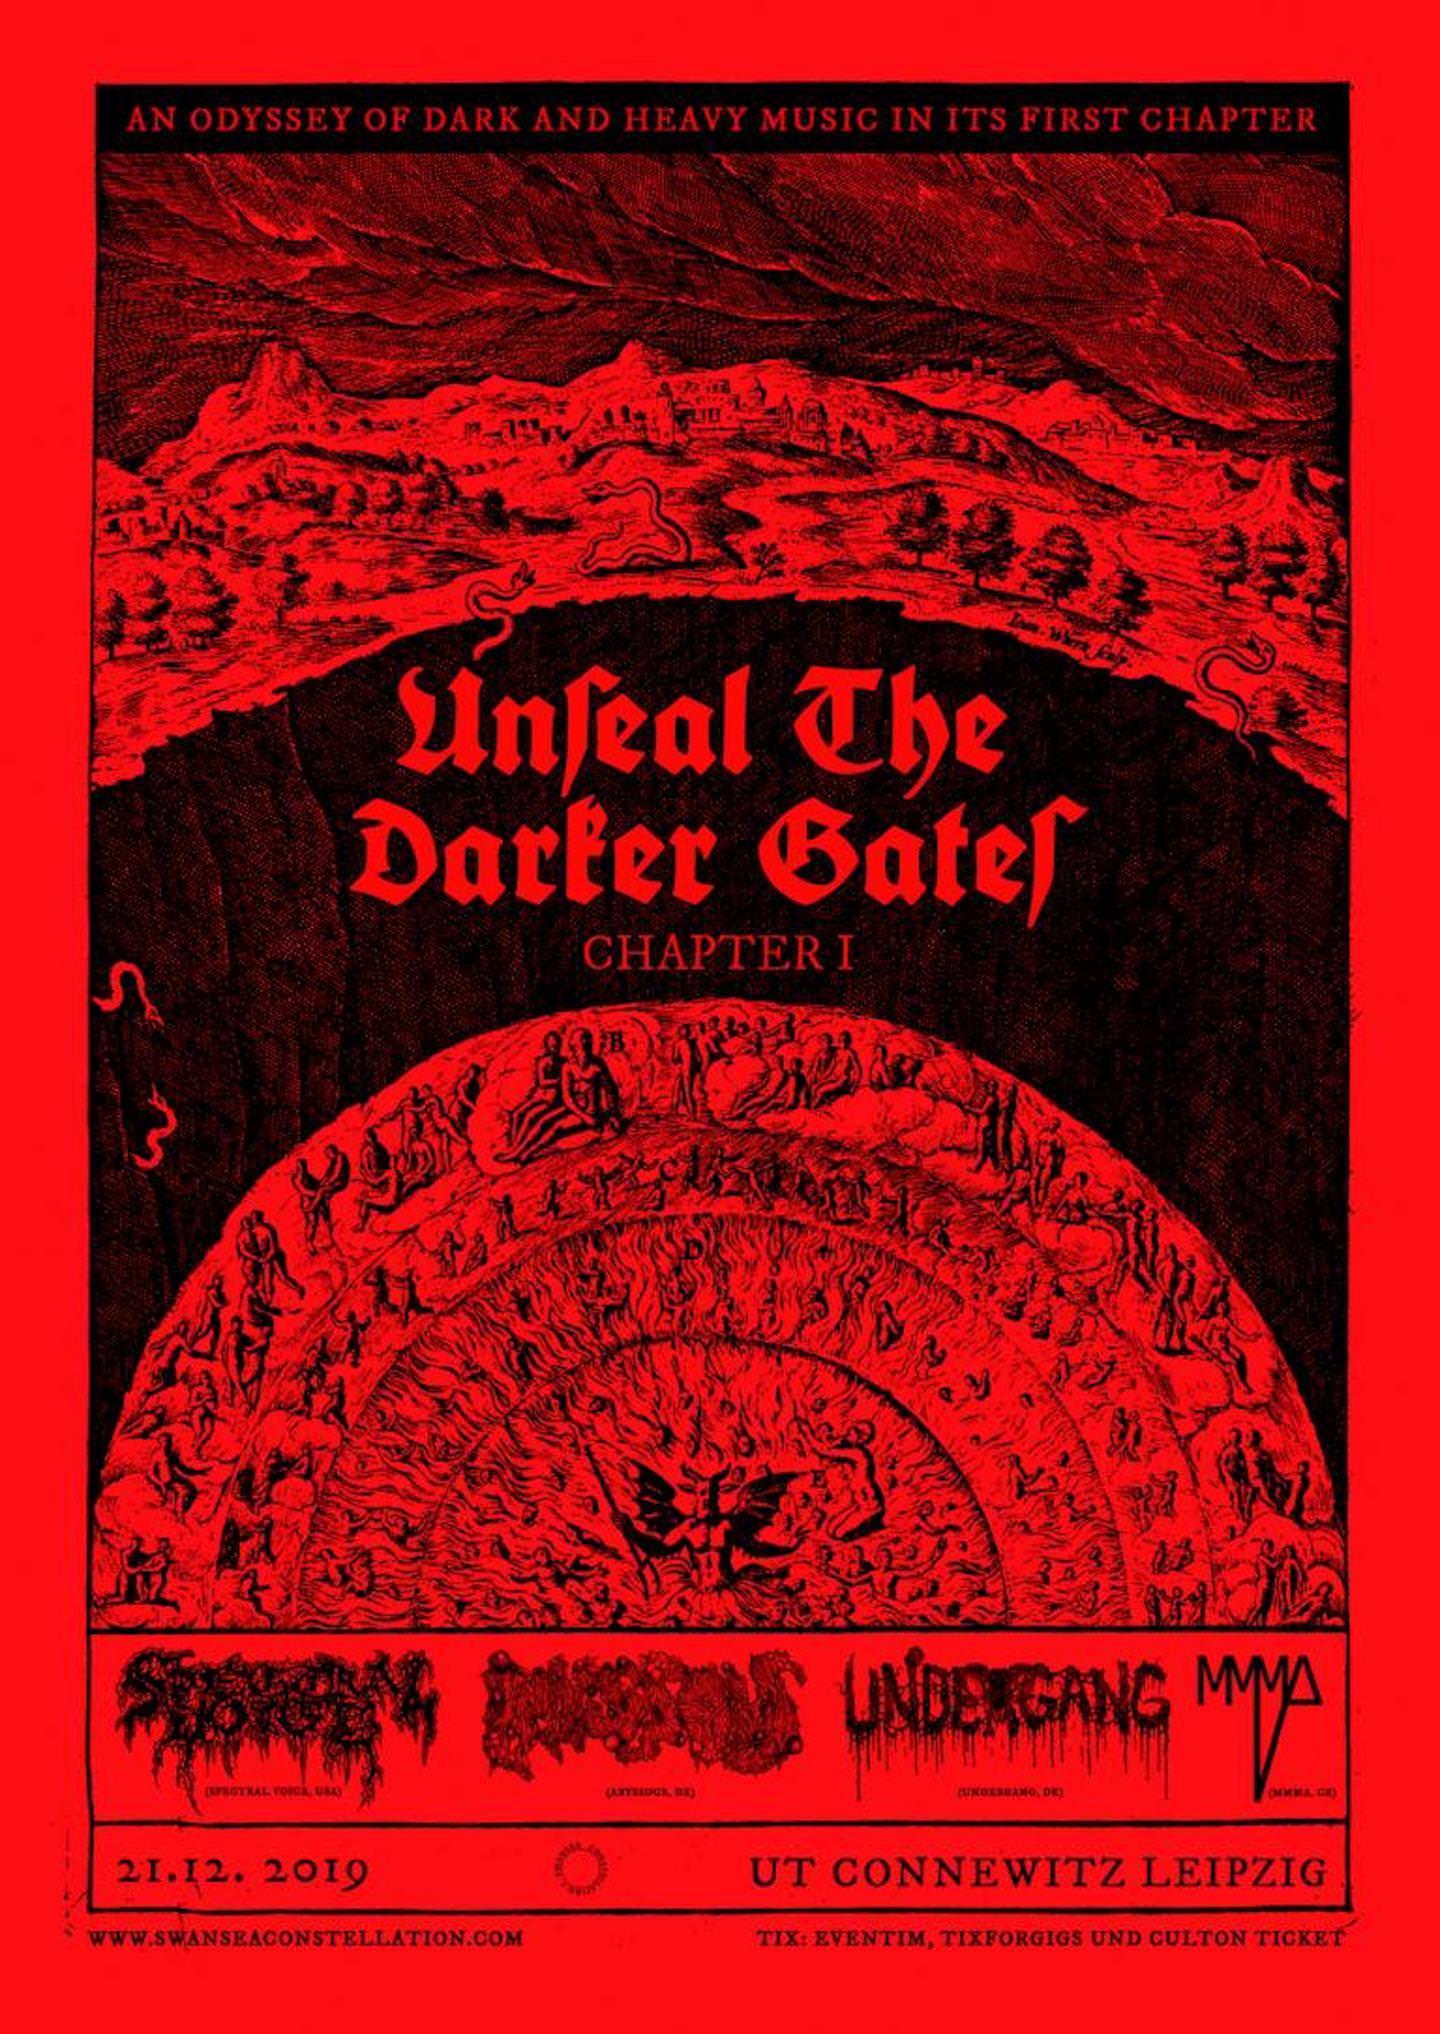 UNSEAL THE DARKER GATES